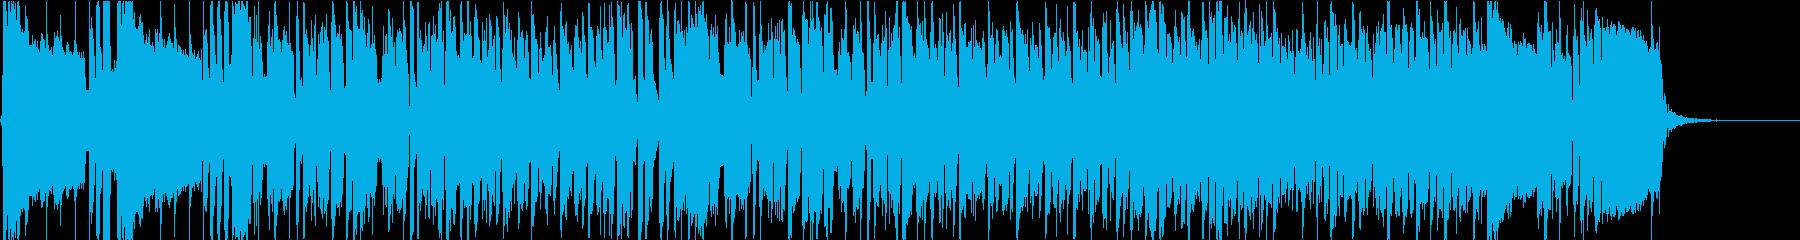 爽やかなコーラス隊のpops(短縮版)の再生済みの波形